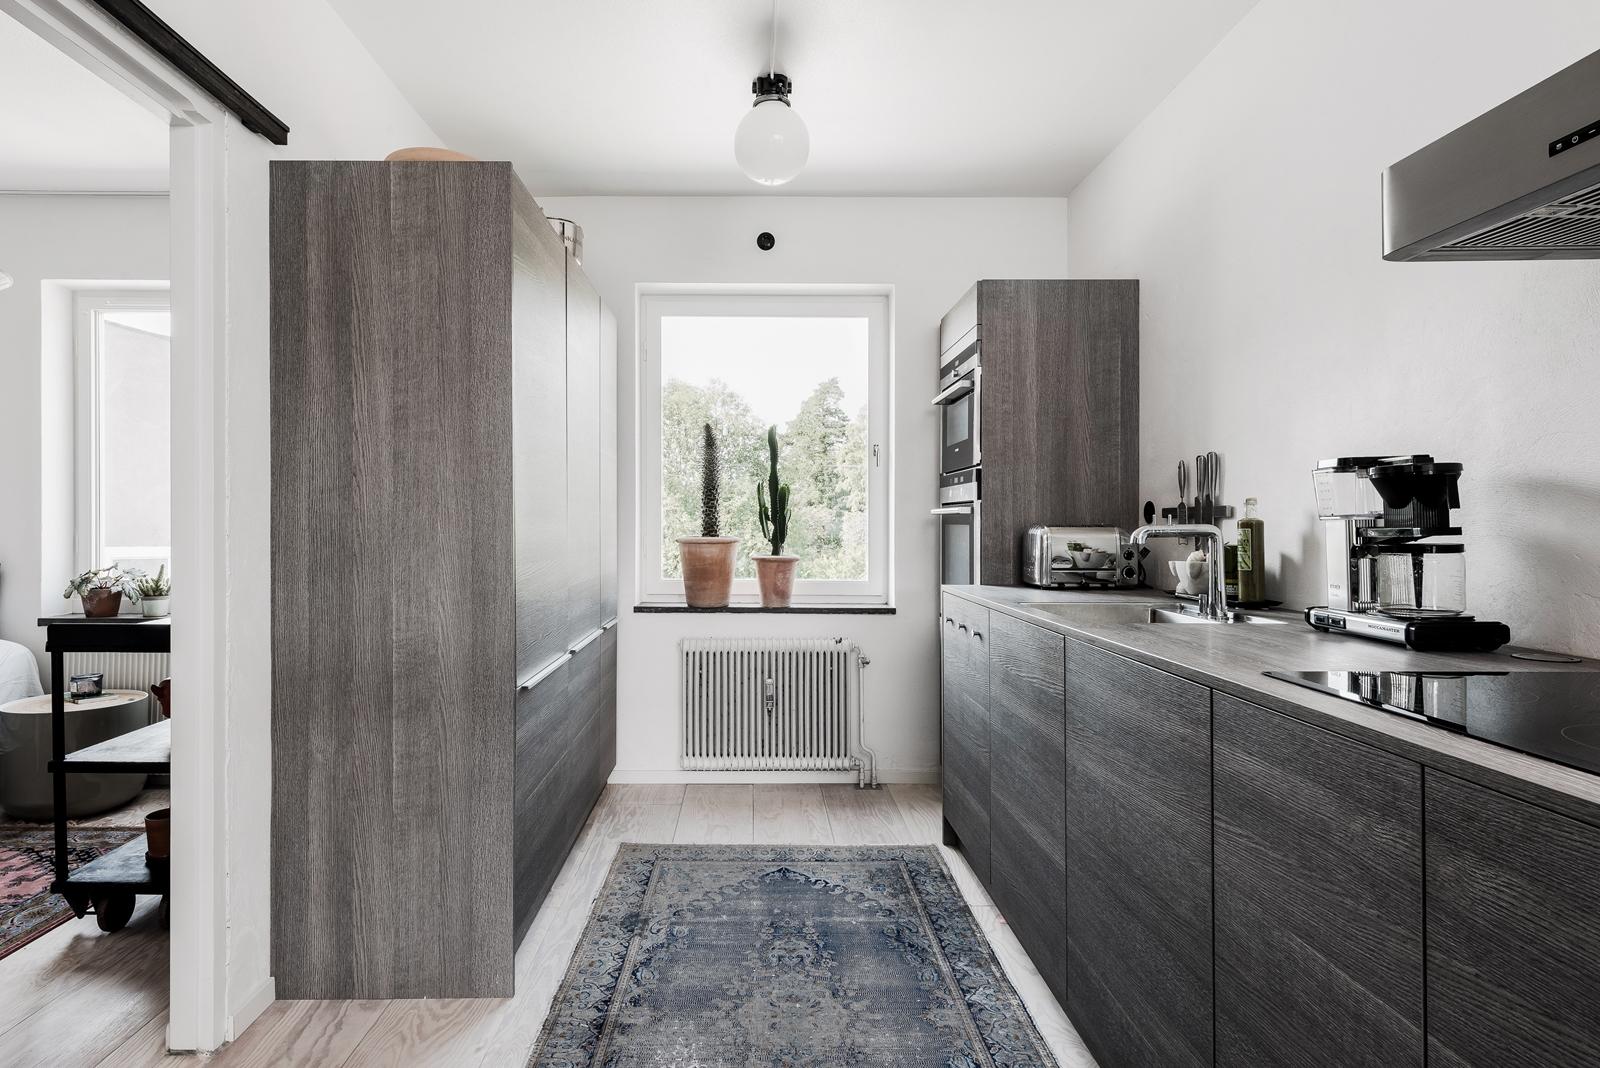 кухня серые коричневые шпон фасады варочная панель вытяжка ковер